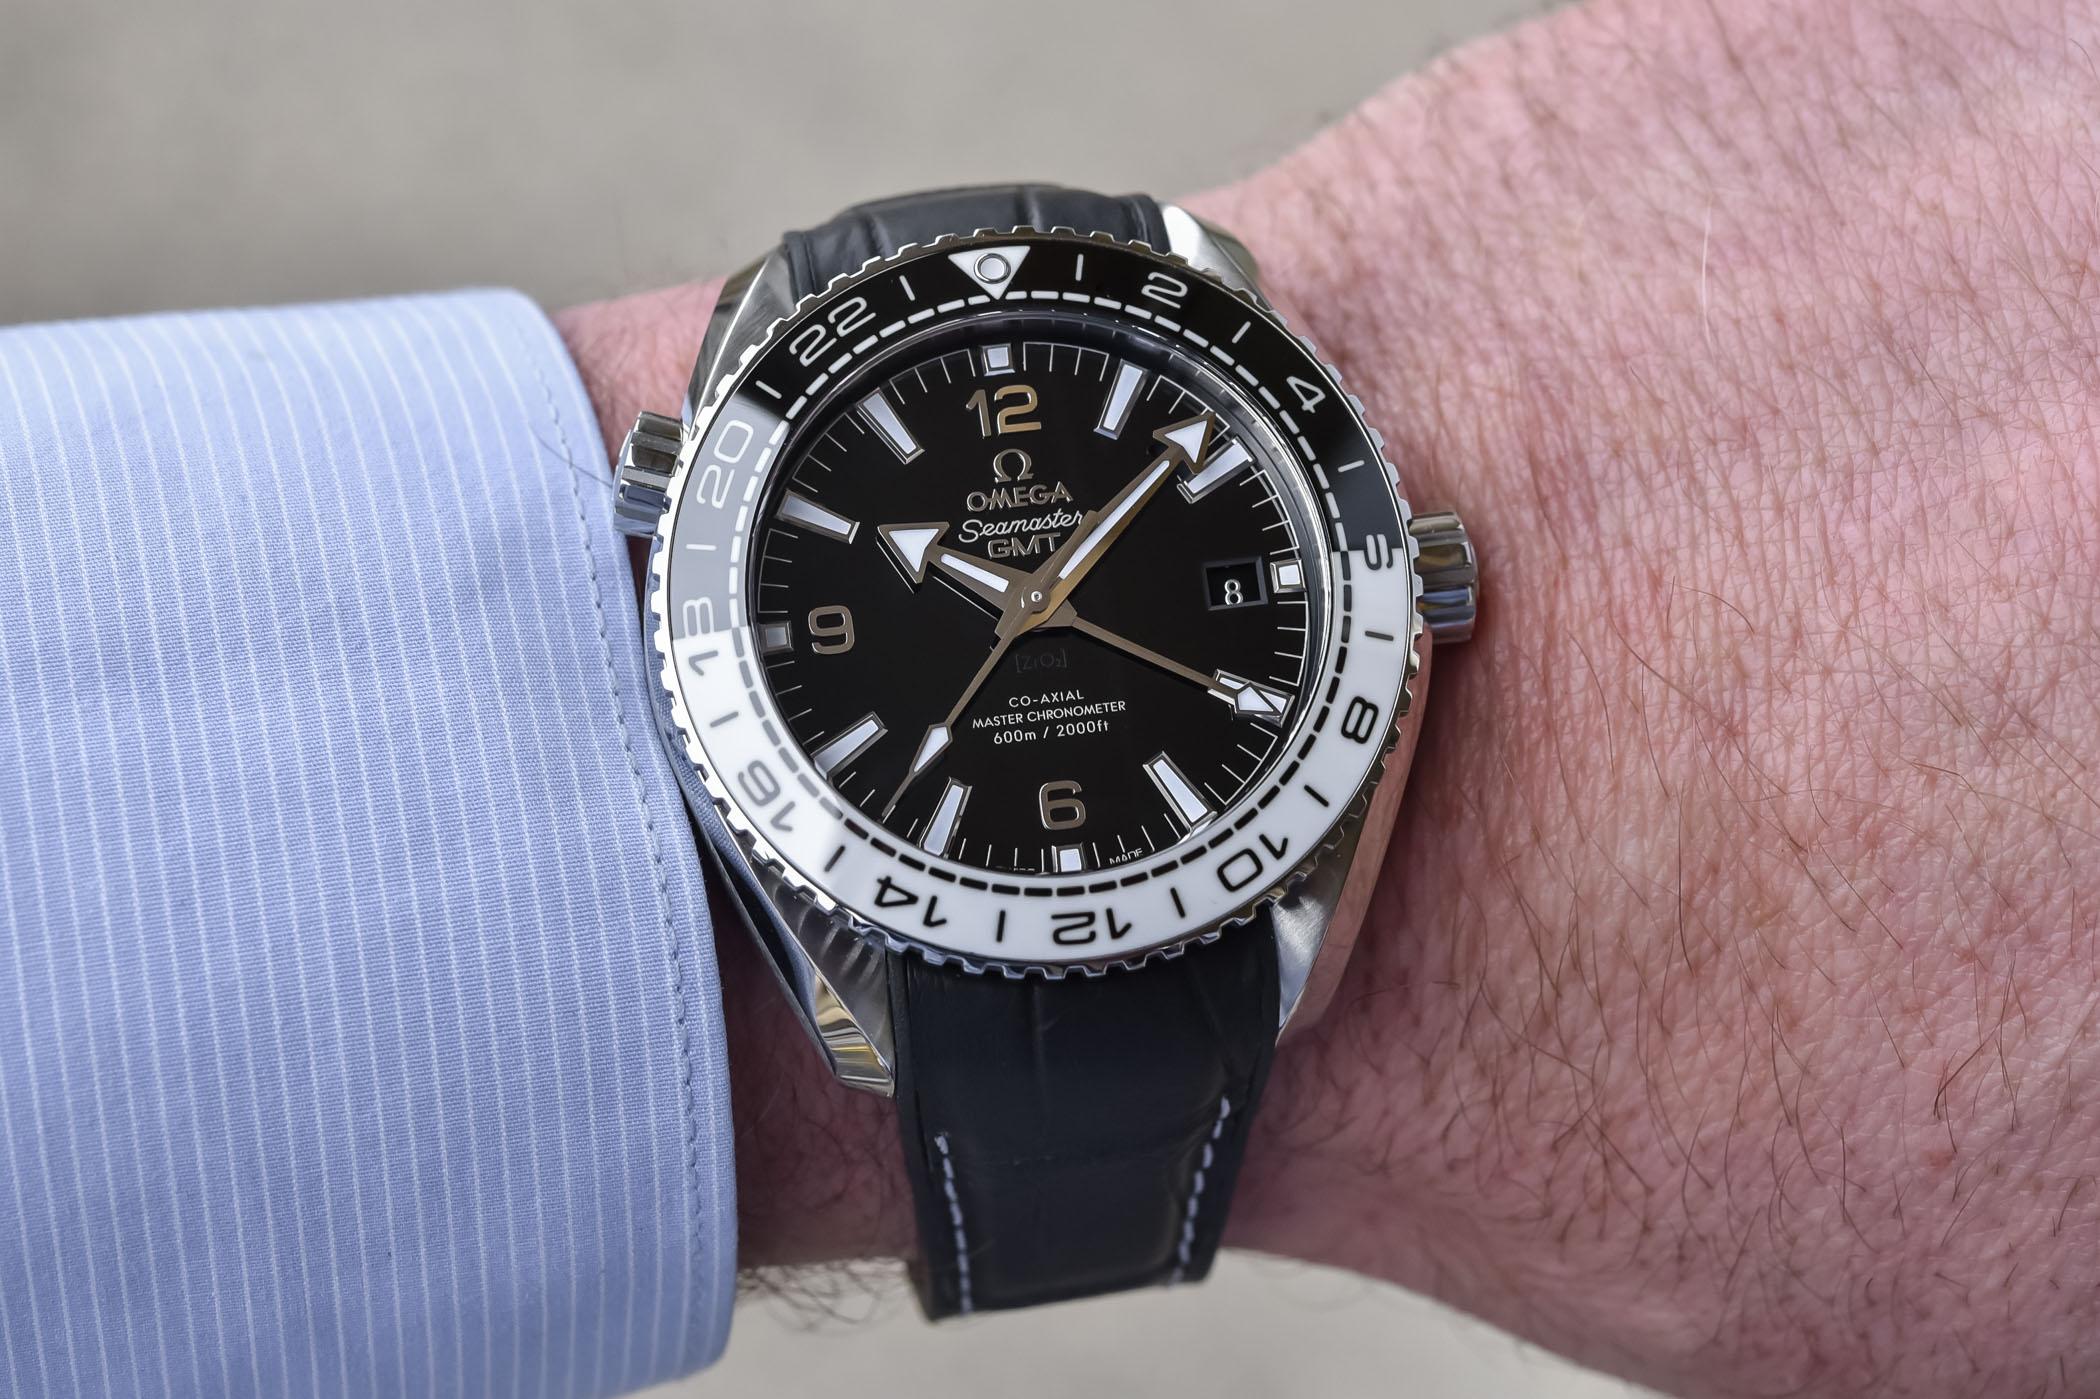 Omega Seamaster Planet Ocean 600m GMT Master Chronometer